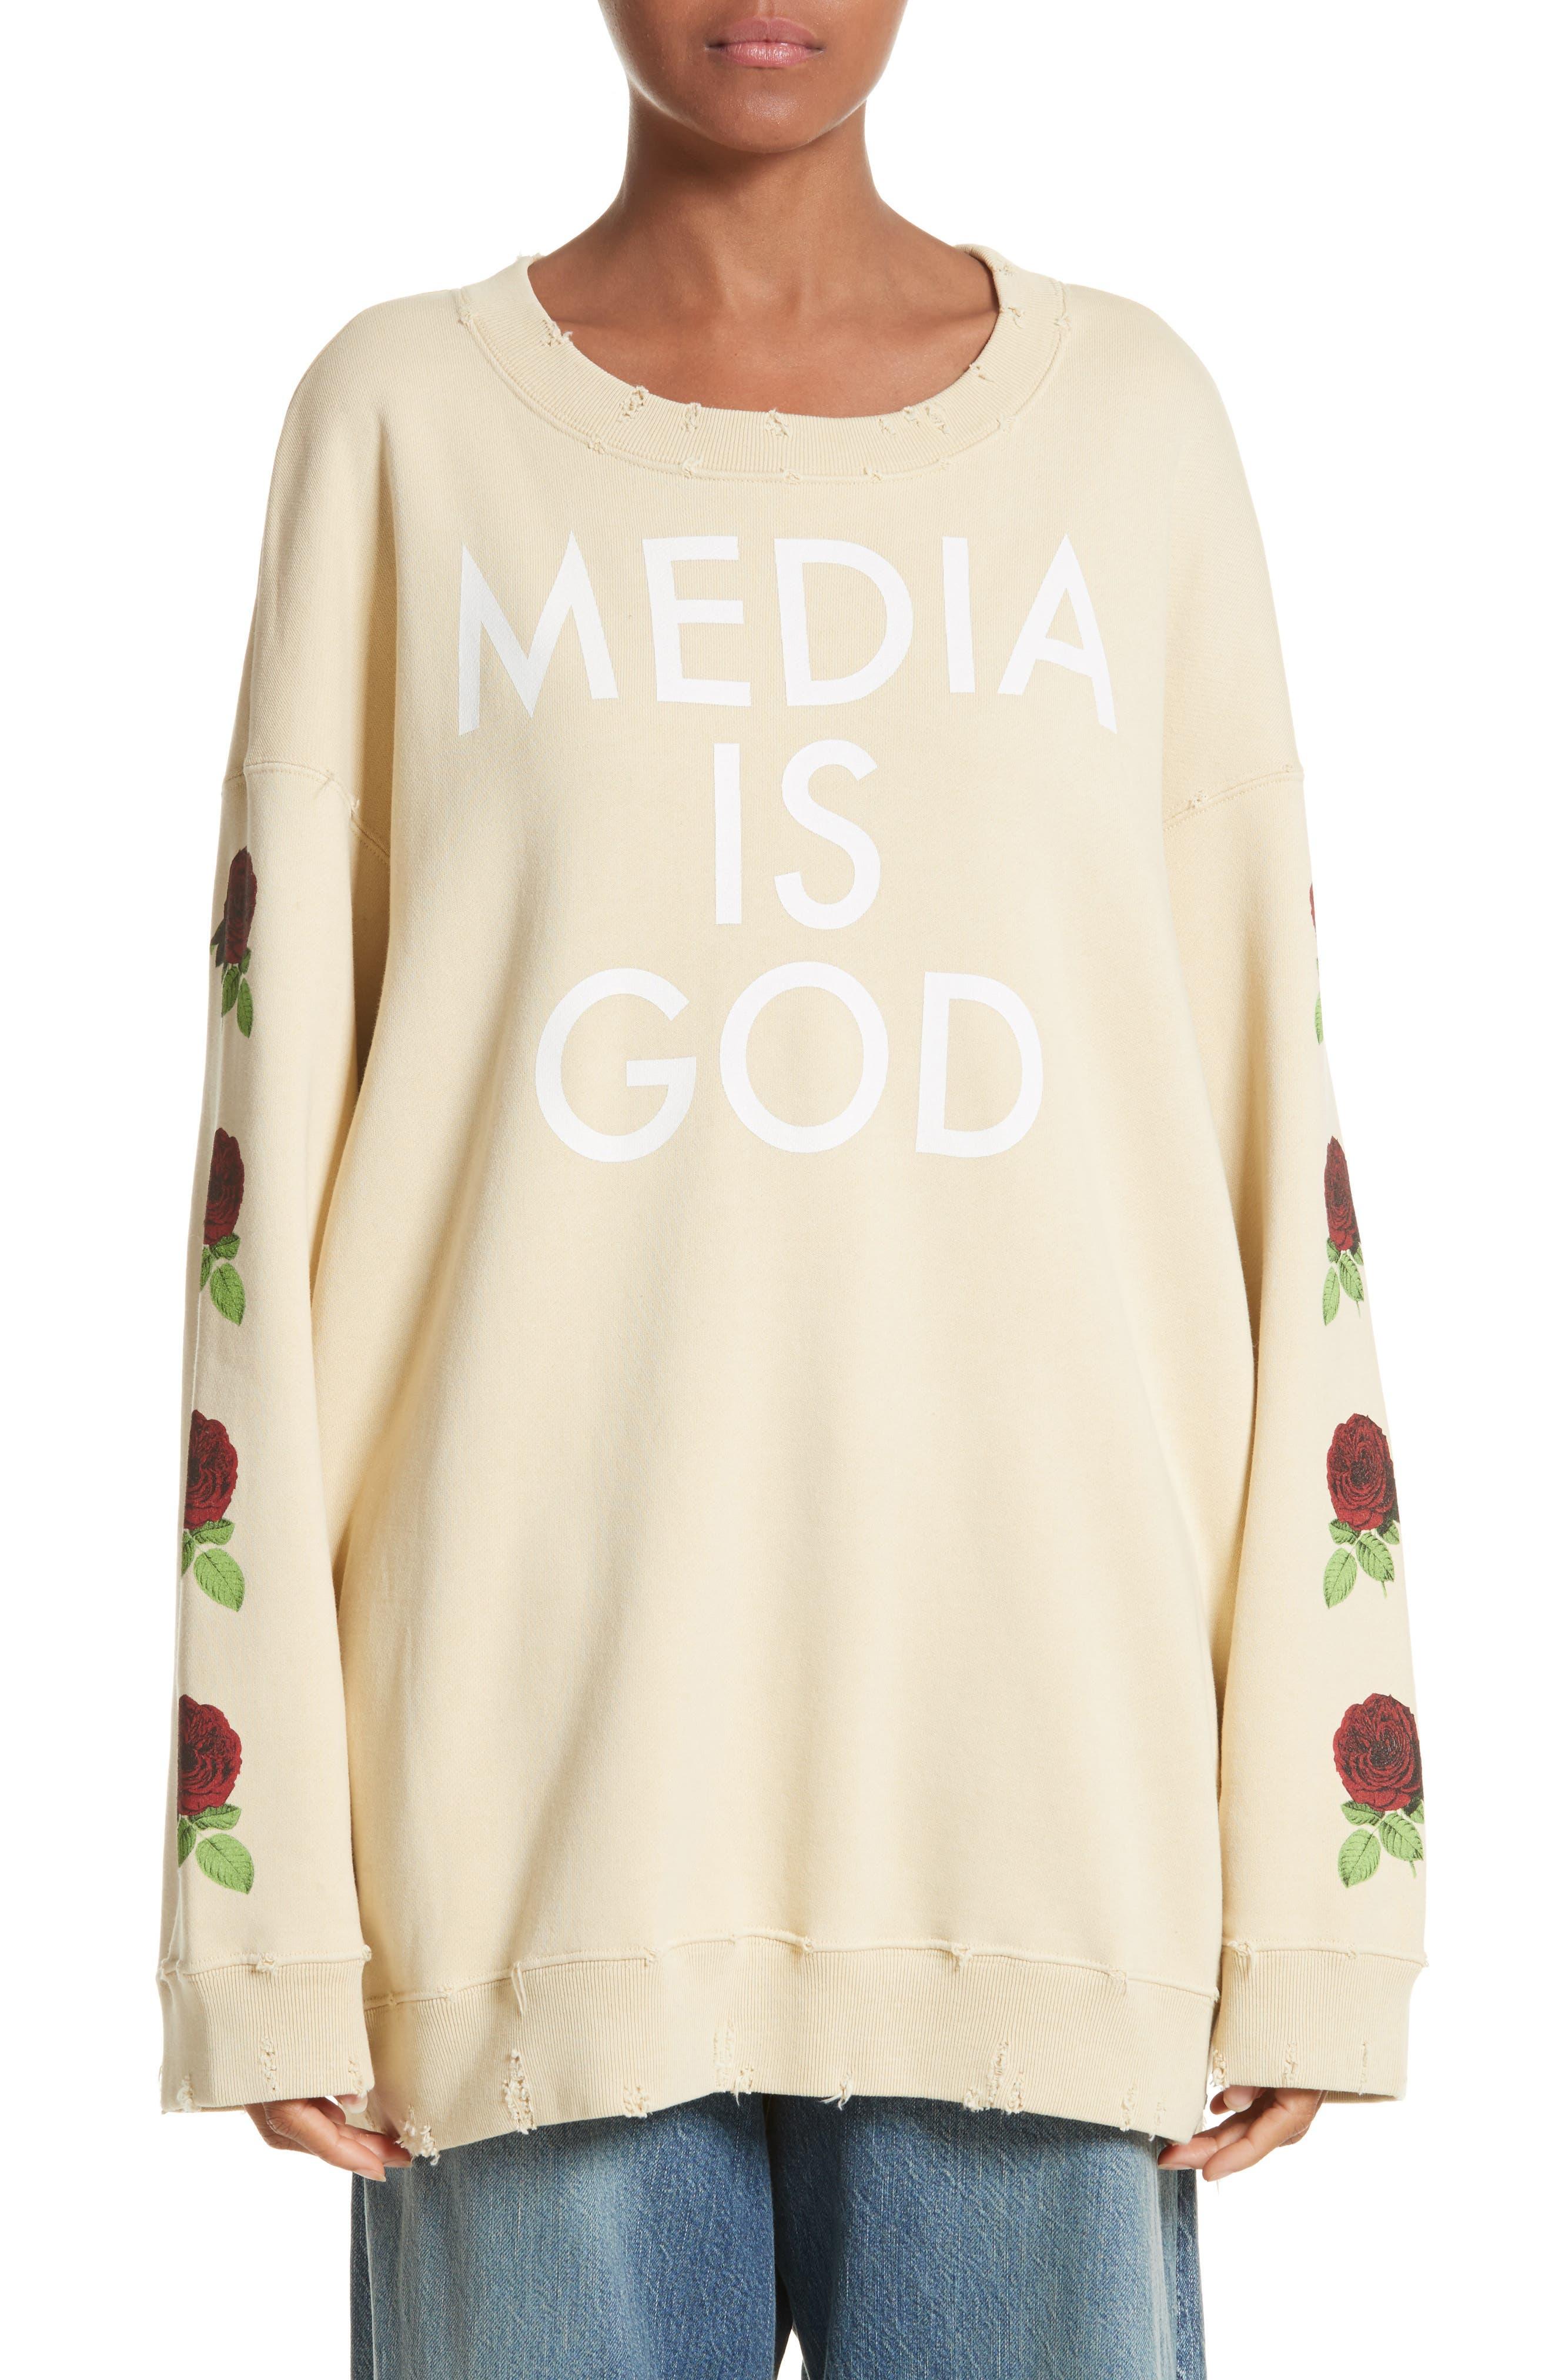 Undercover Media Is God Sweatshirt